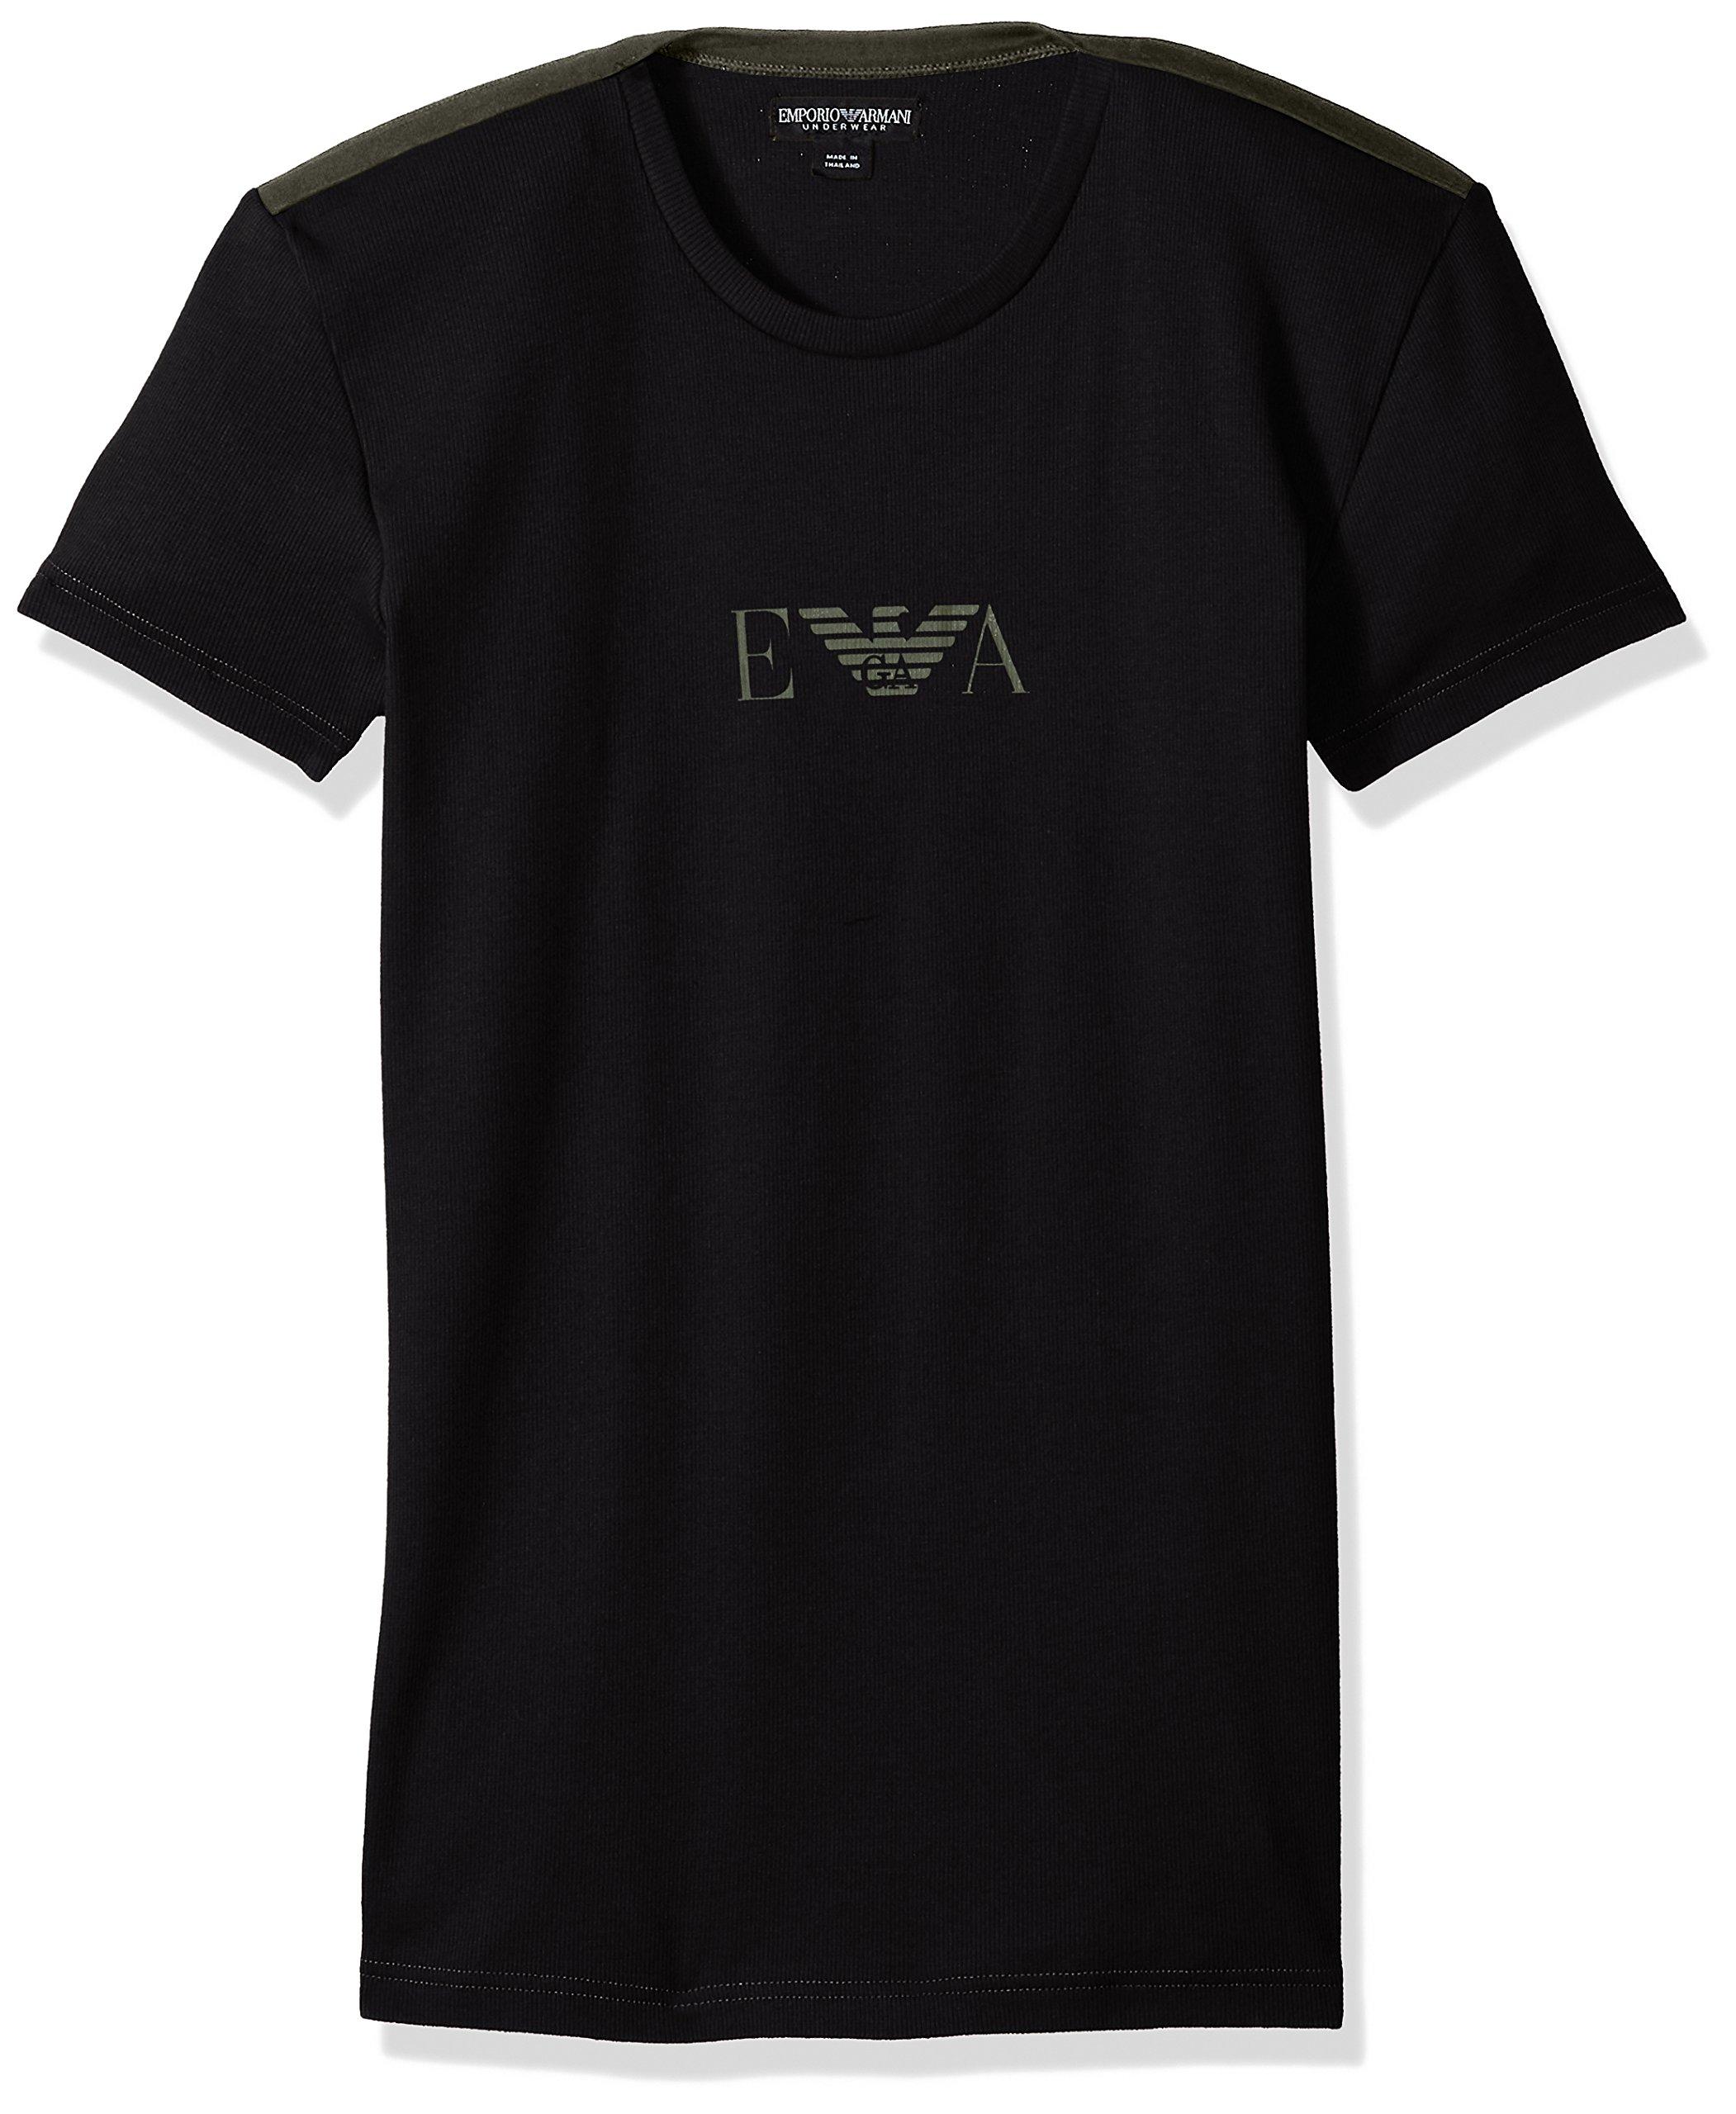 Emporio Armani Men's Stretch Cotton Boot Camp Rib T-Shirt, Black, L